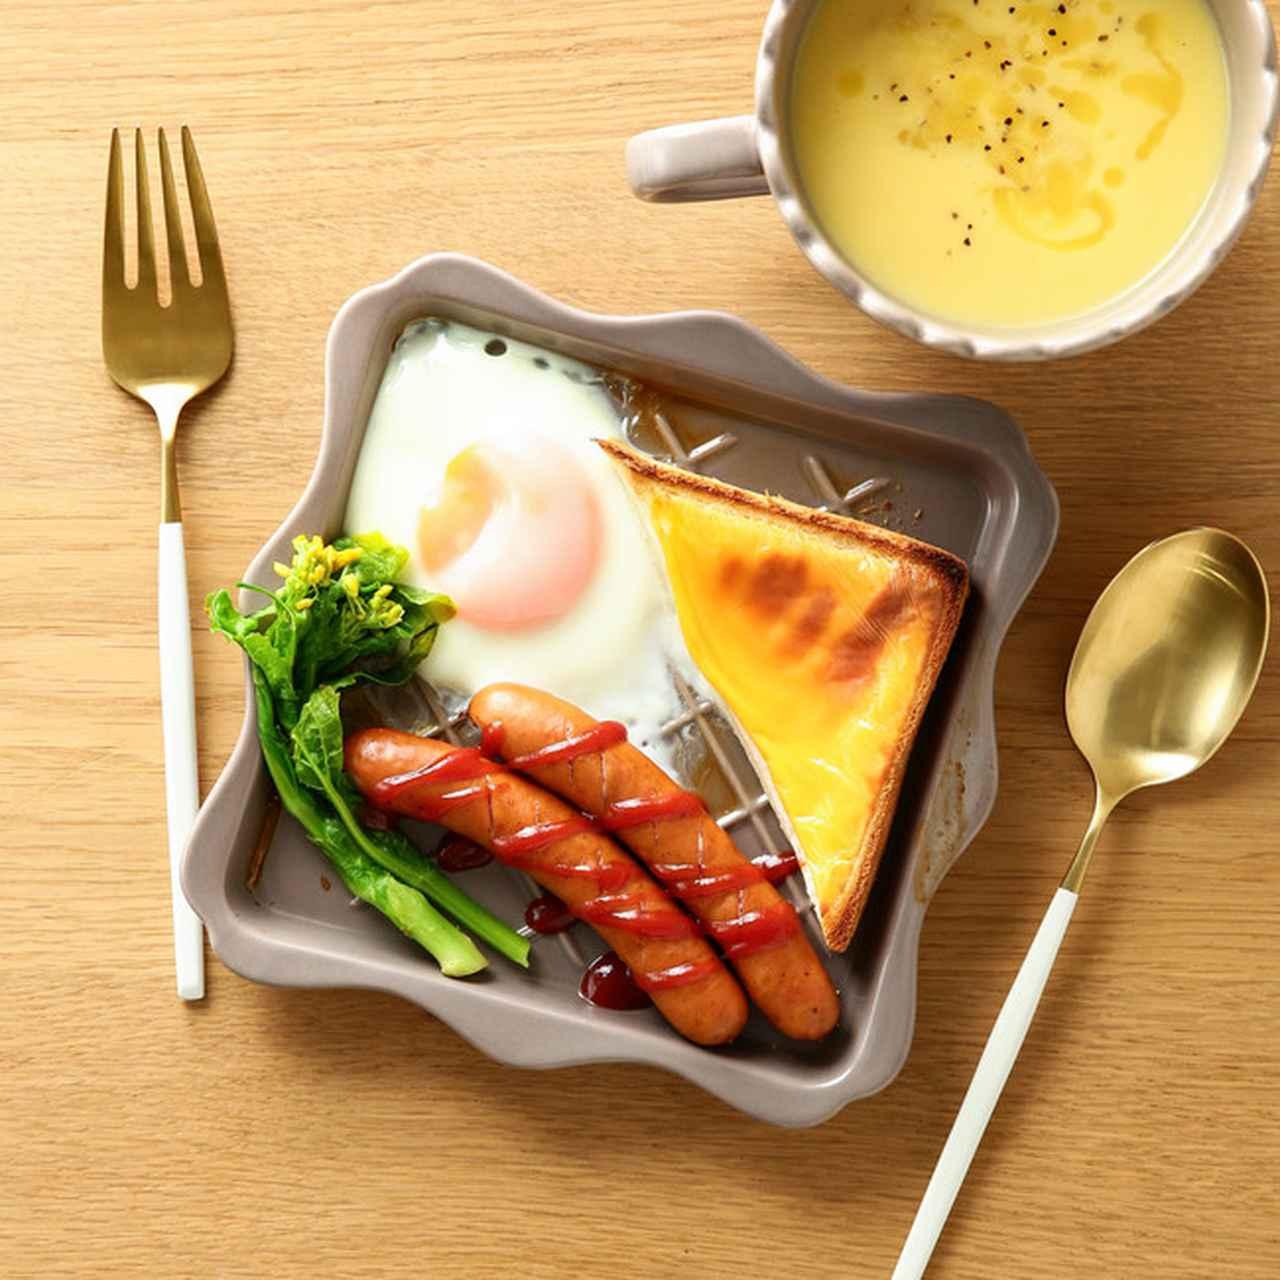 画像1: サクサク食感が楽しめる「フリル トーストプレート」で美味しく映える朝食の完成